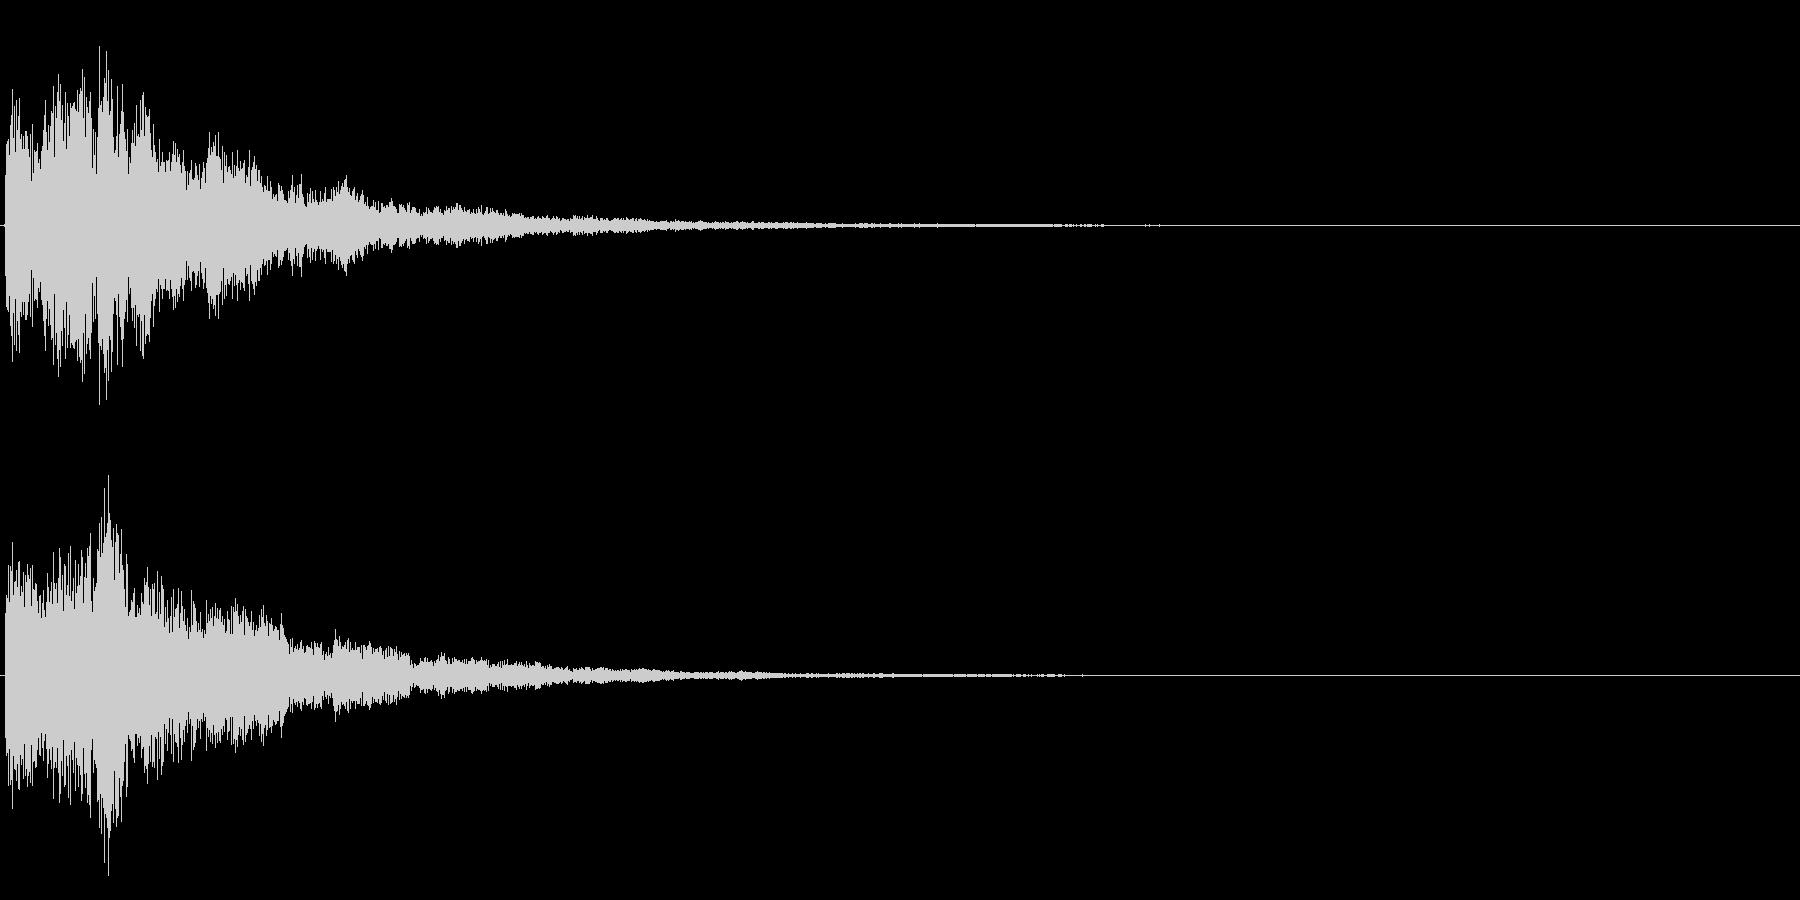 ゲームスタート、決定、ボタン音-020の未再生の波形